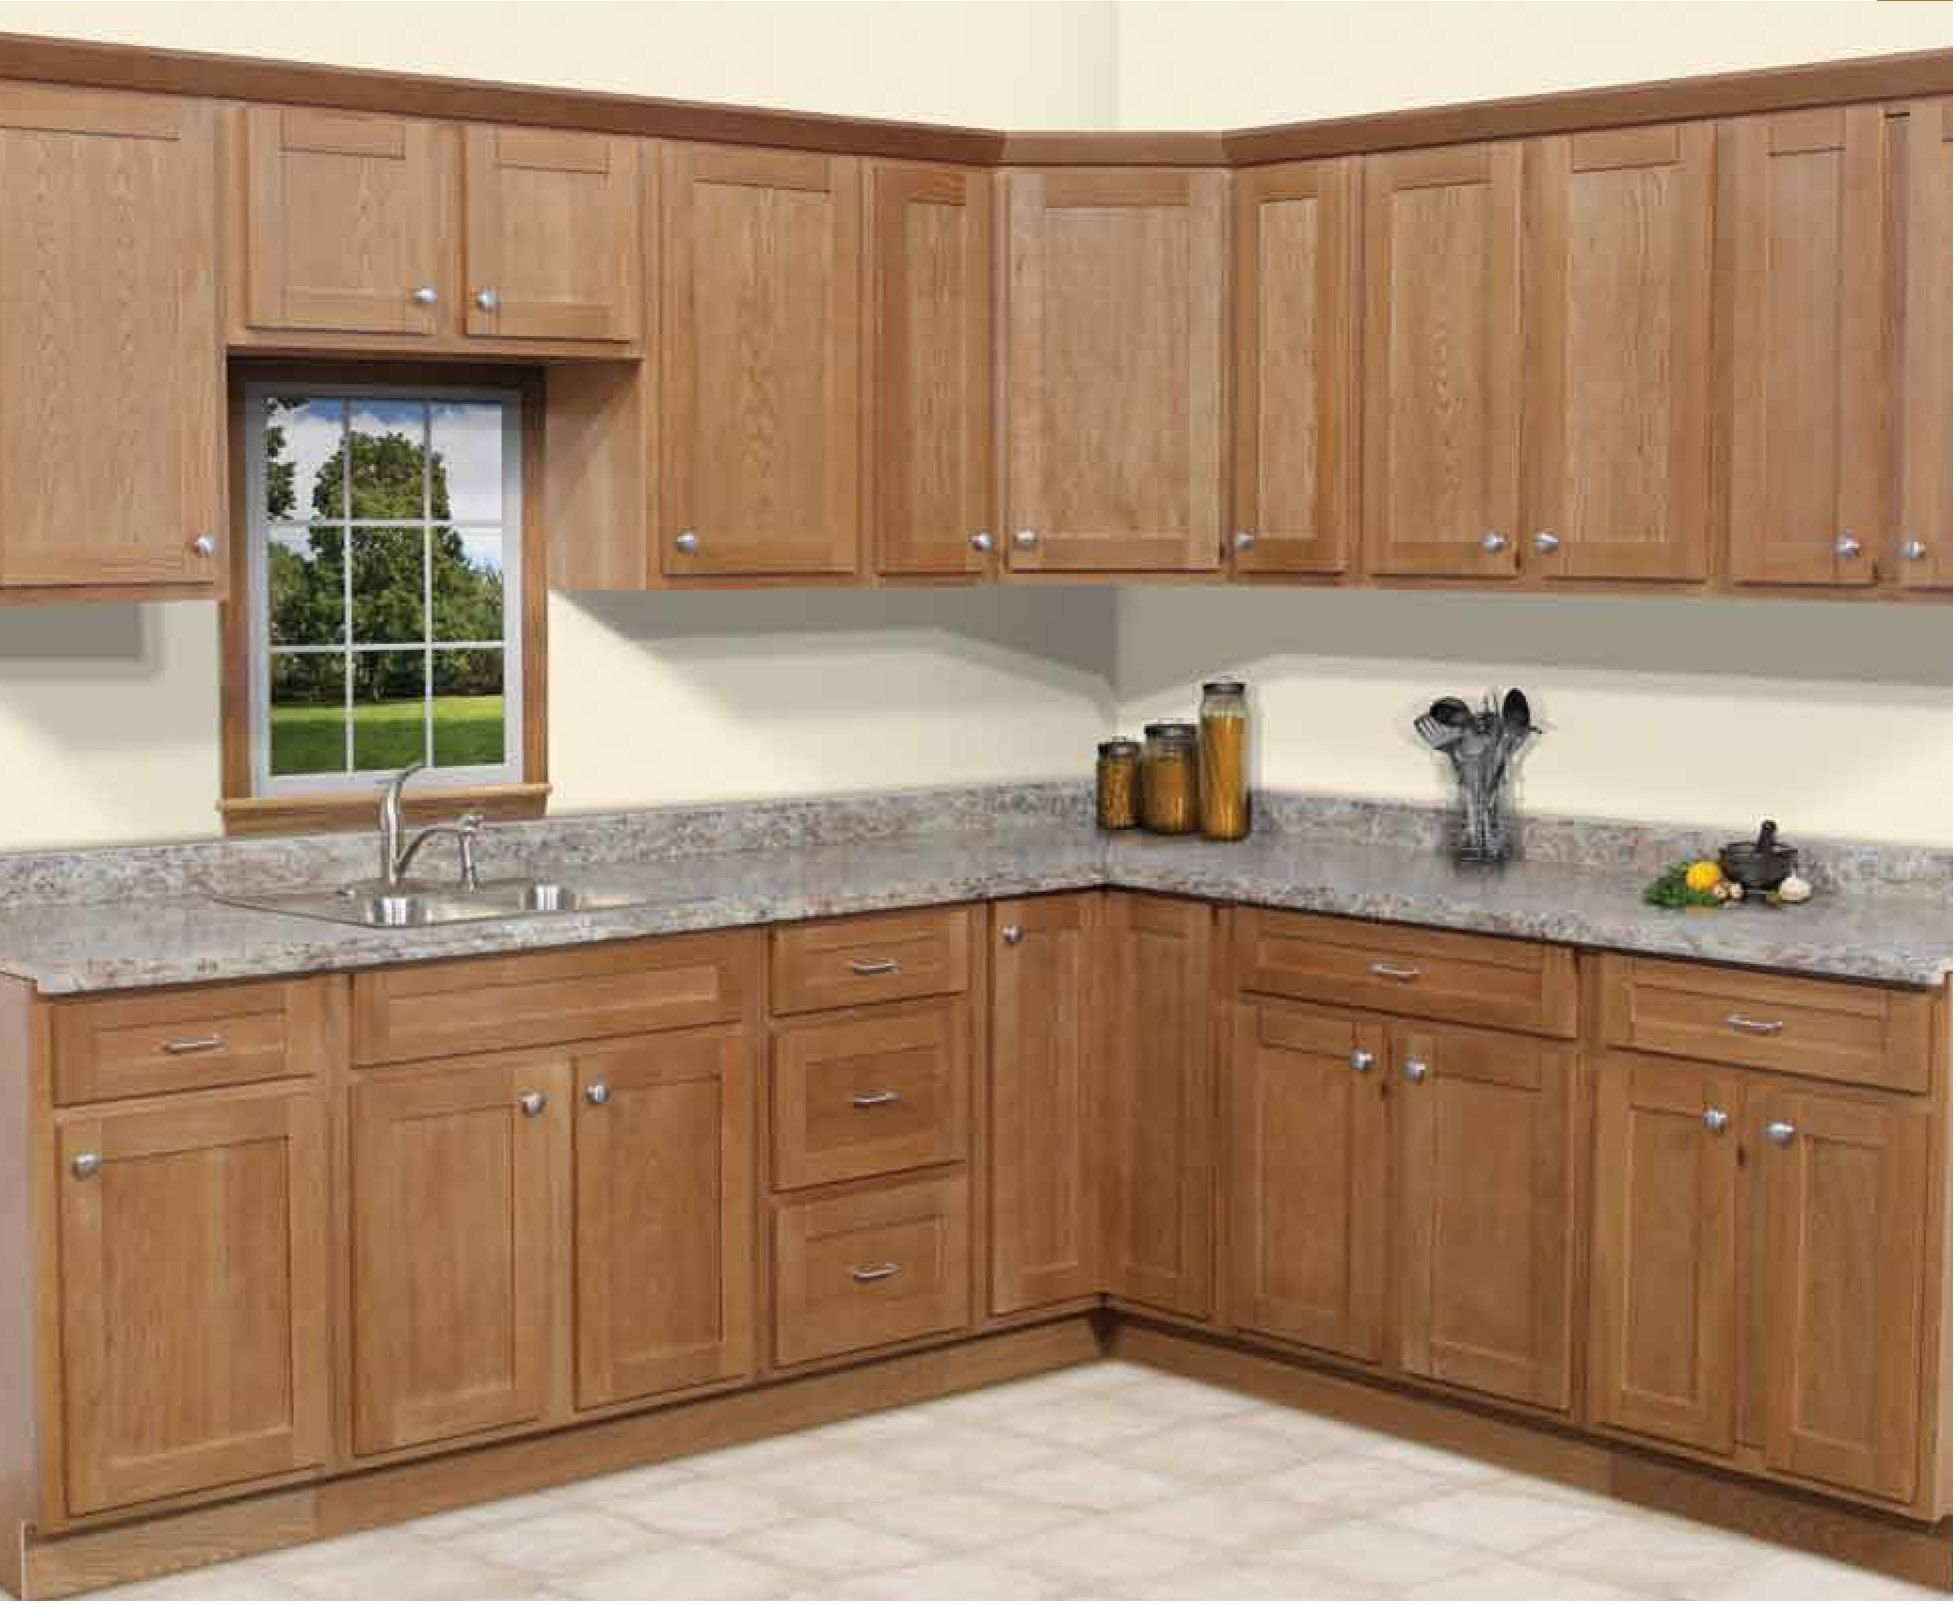 Fein Gebäude Shaker Stil Küchenschranktüren Zeitgenössisch - Ideen ...